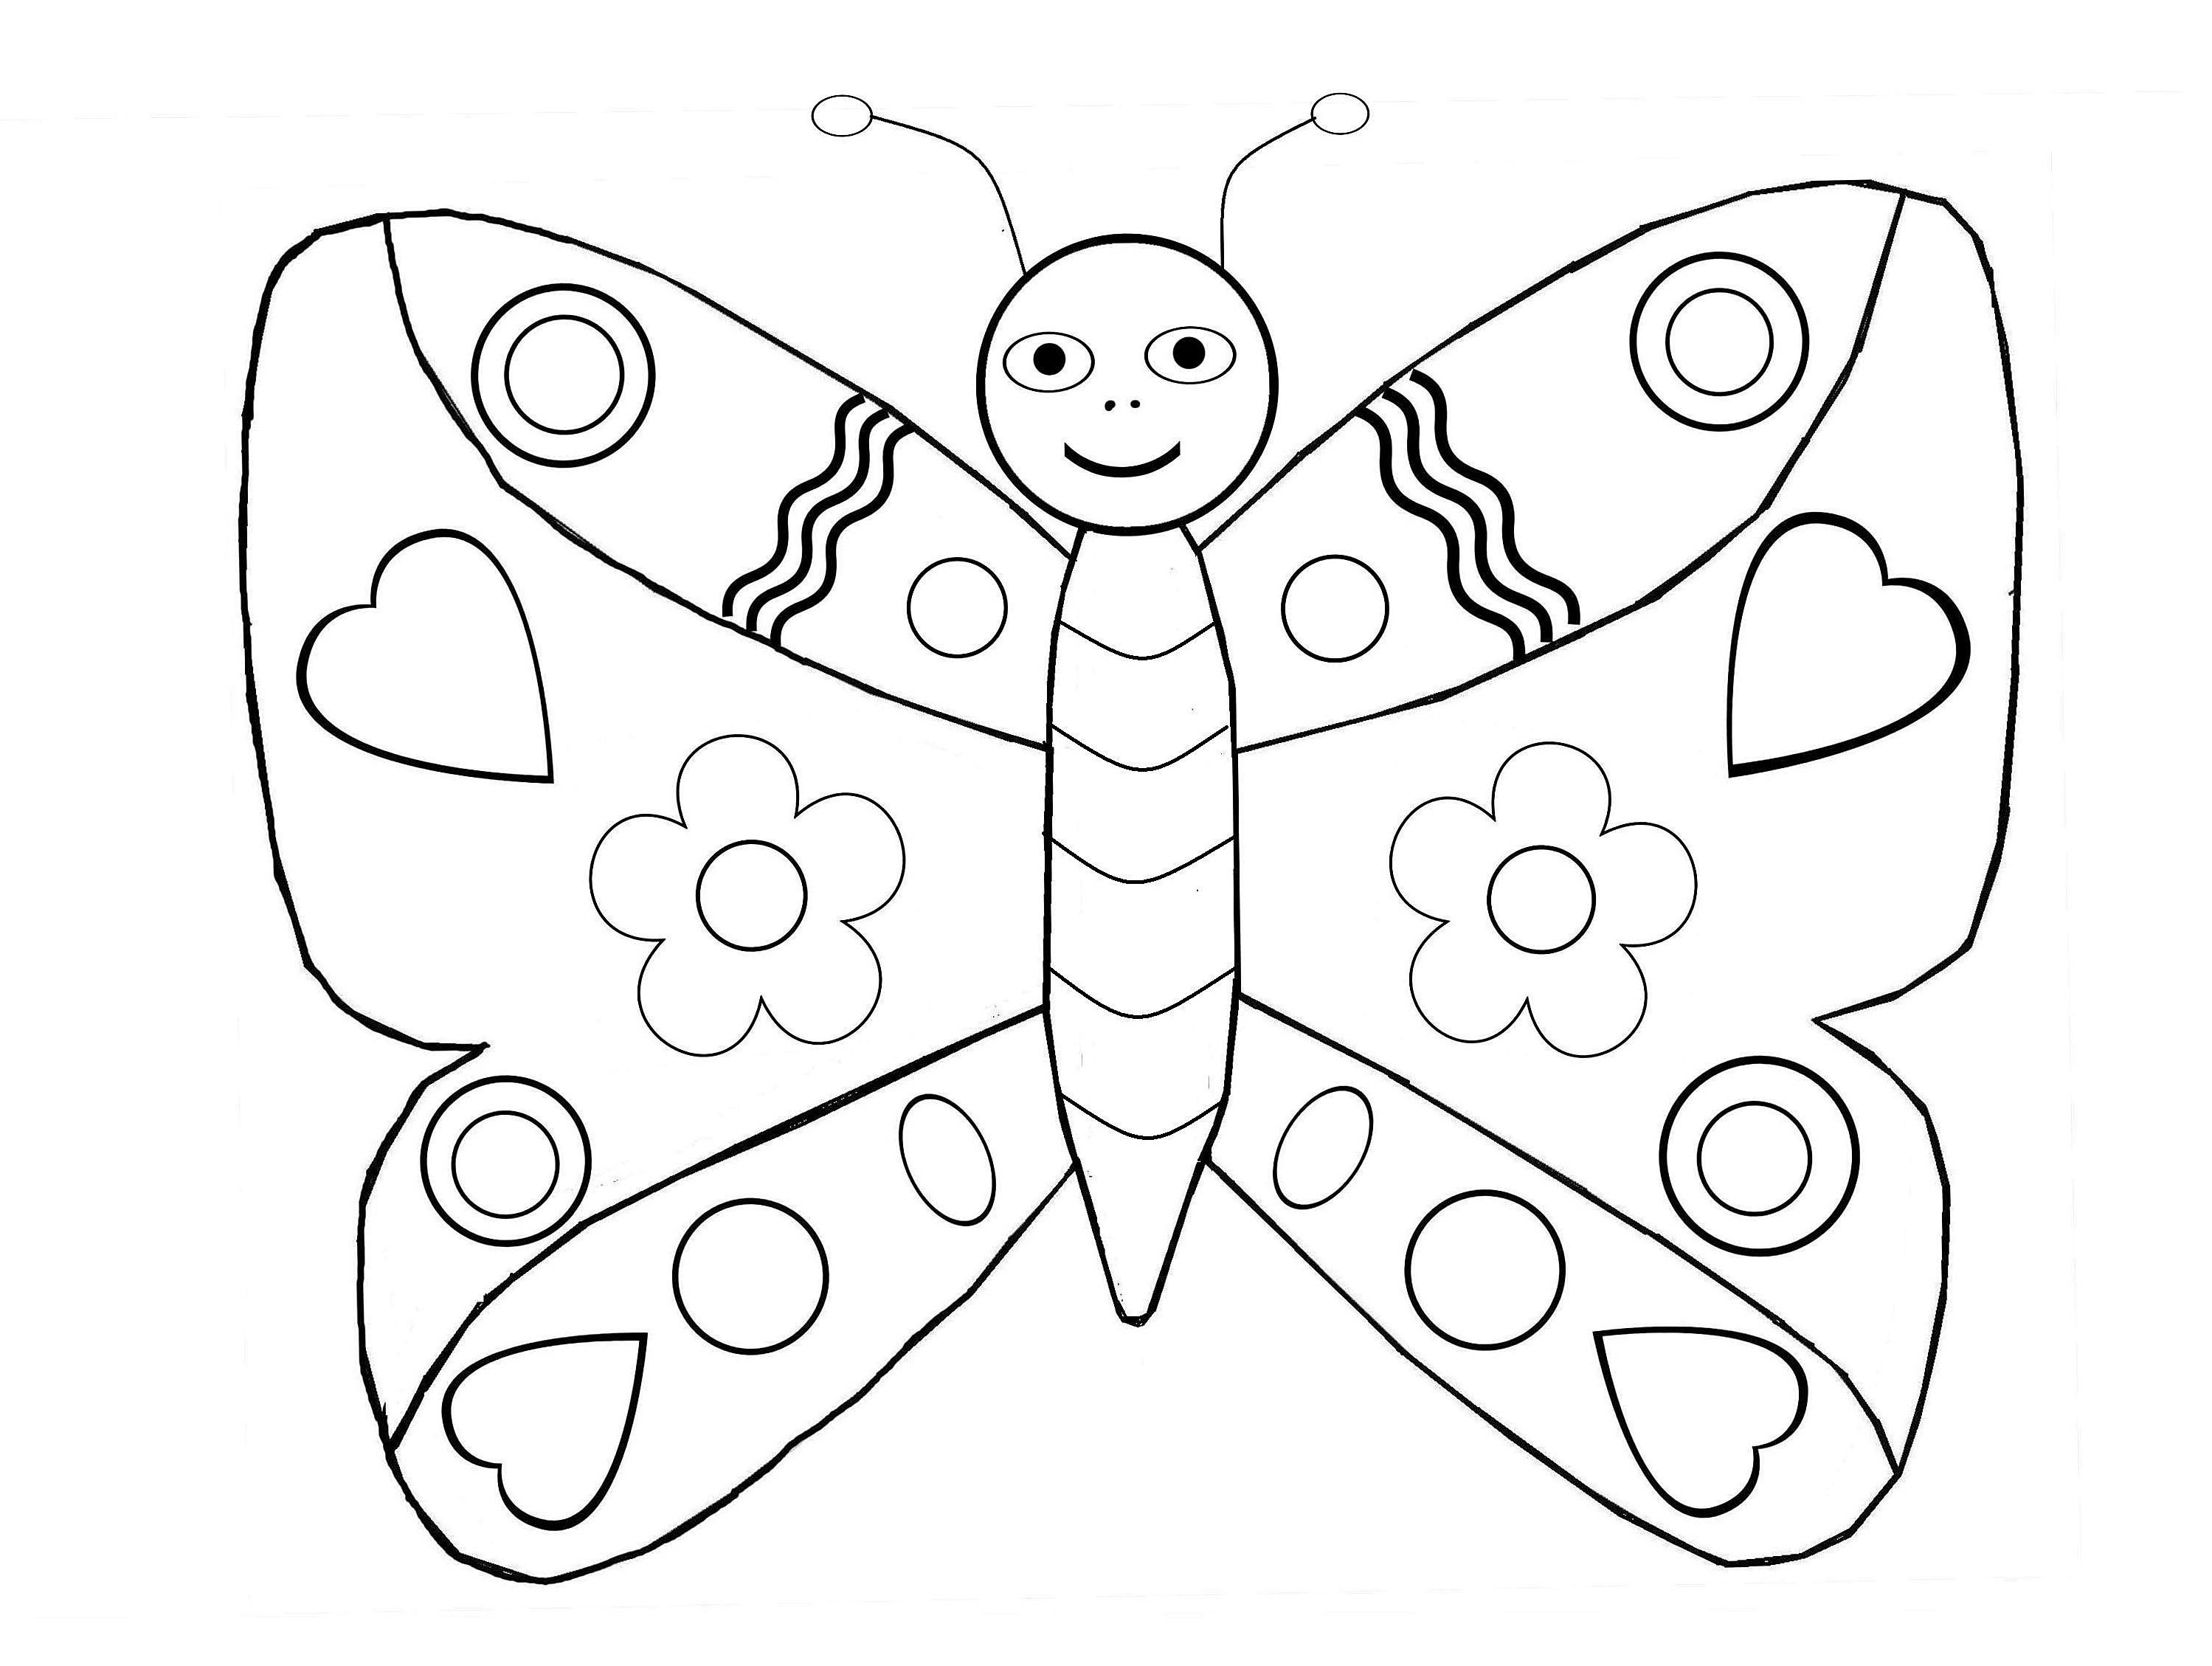 110 dessins de coloriage papillon imprimer sur page 1 - Dessins a colorier gratuit a imprimer ...